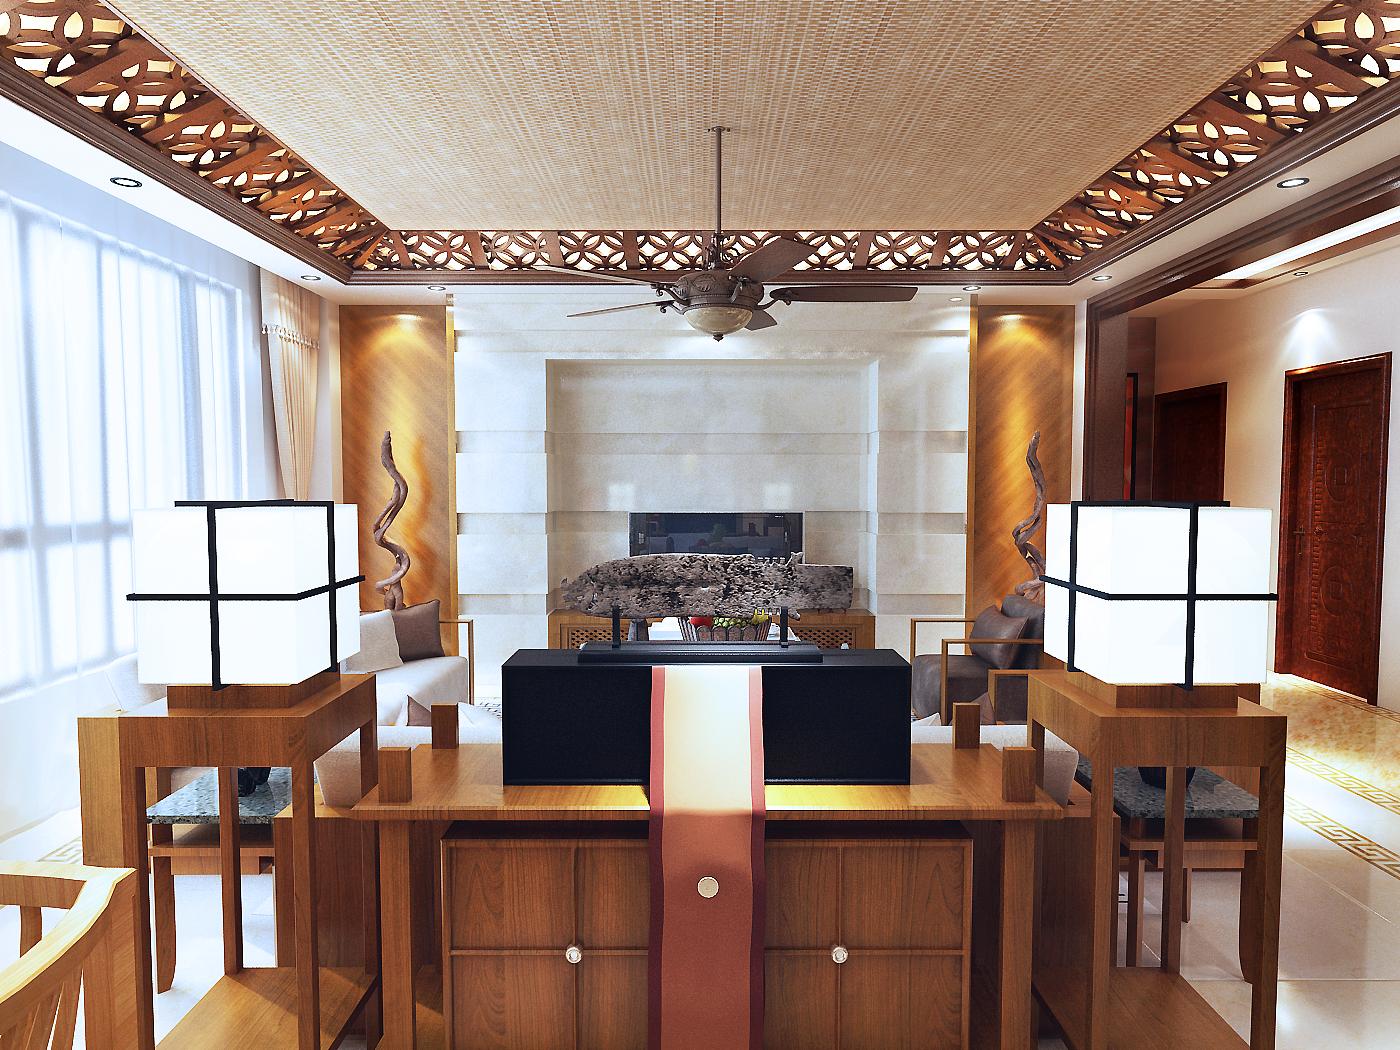 二居 中式 万科四季 客厅装修 沈阳装修 客厅图片来自百家装饰小姜在万科四季花城-中式家居的分享